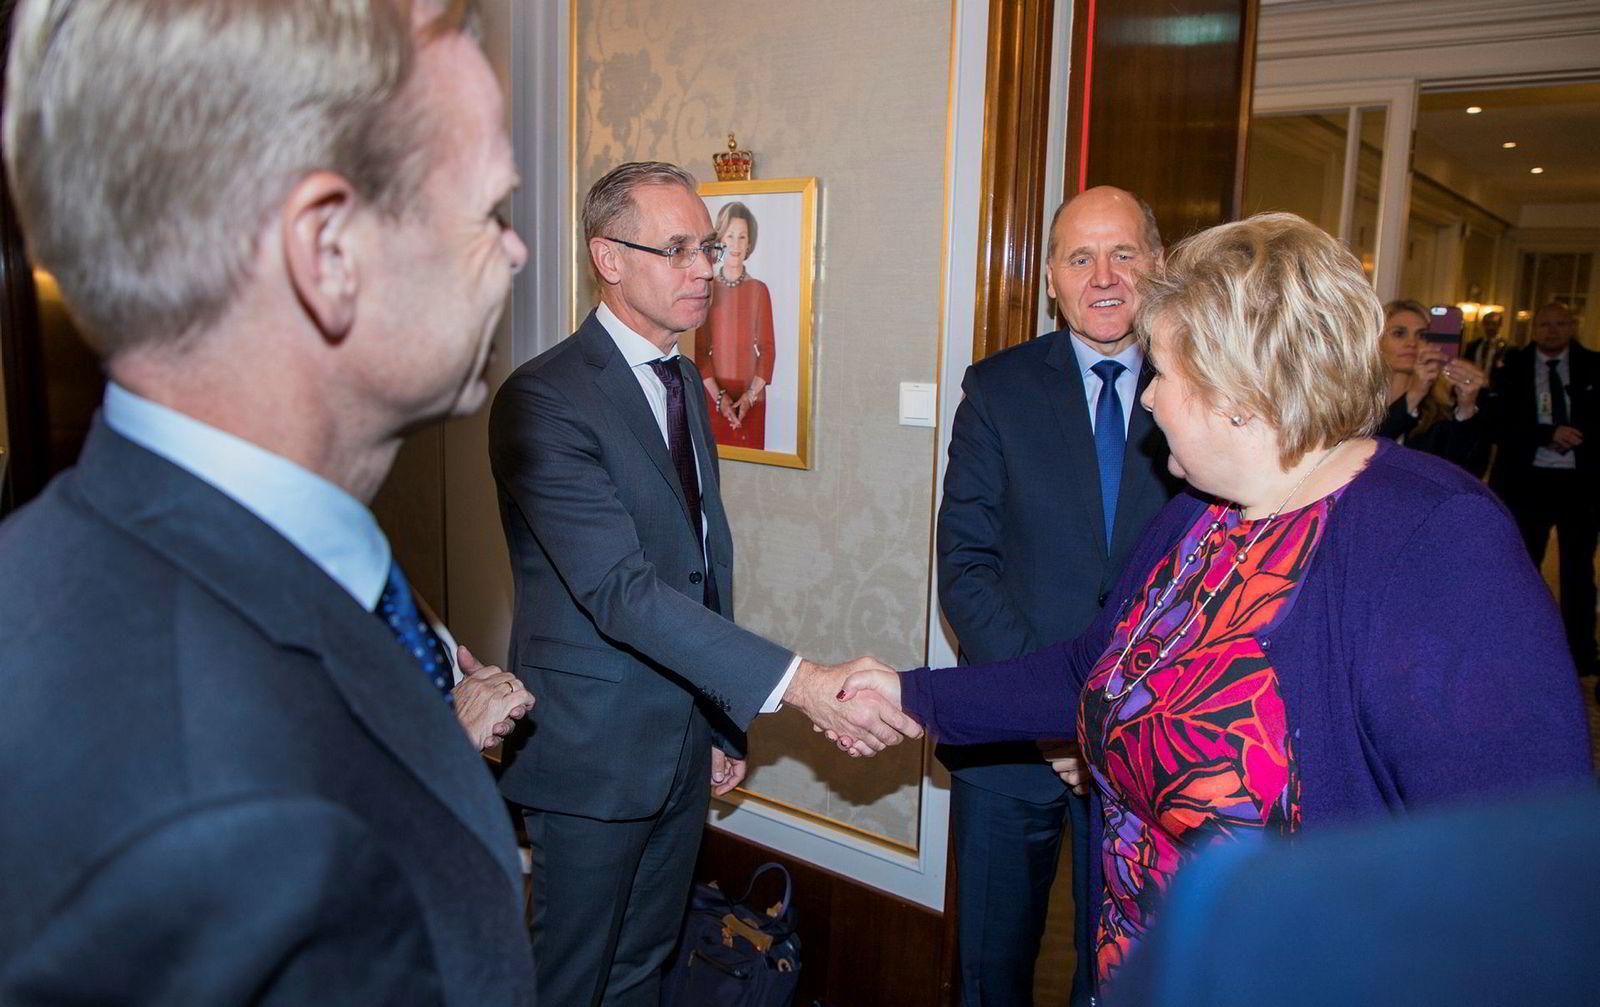 På Grand Hotel i Oslo hilset SAS-sjef Rickard Gustafson på statsminister Erna Solberg før et møte om bærekraftig norsk næringsliv, der også avgiftspolitikk var tema. Foran Yara-sjef Svein Tore Holsether og bak er Telenor-sjef Sigve Brekke.